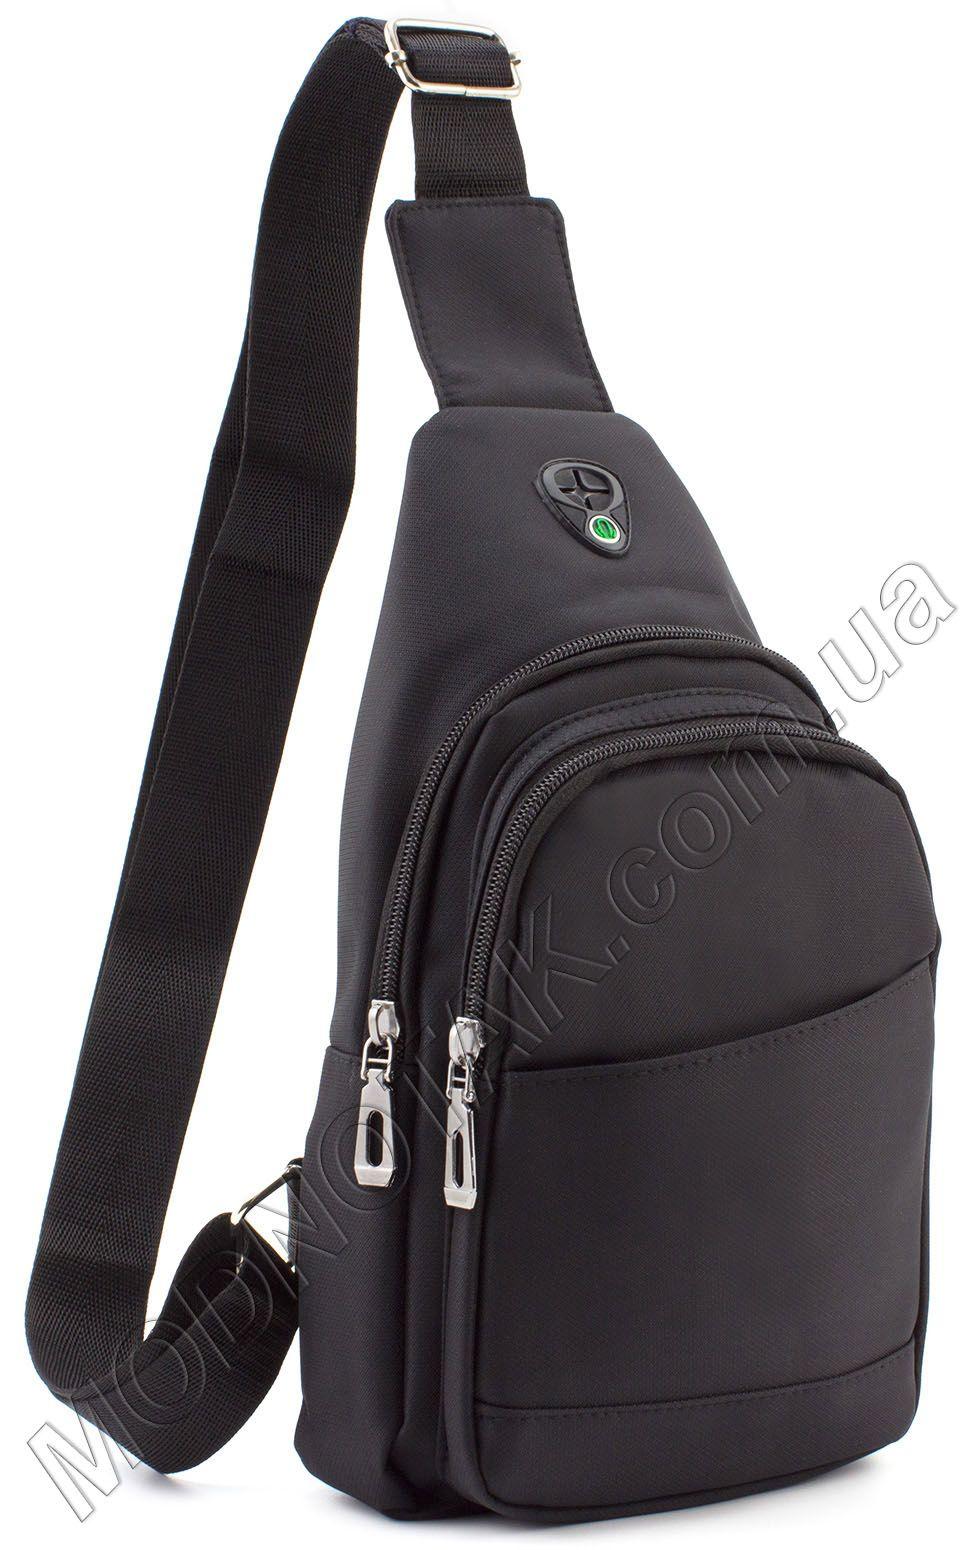 0c349de3151c Мужской тканевый слинг рюкзак Bags Collection (10717) купить в Киеве ...